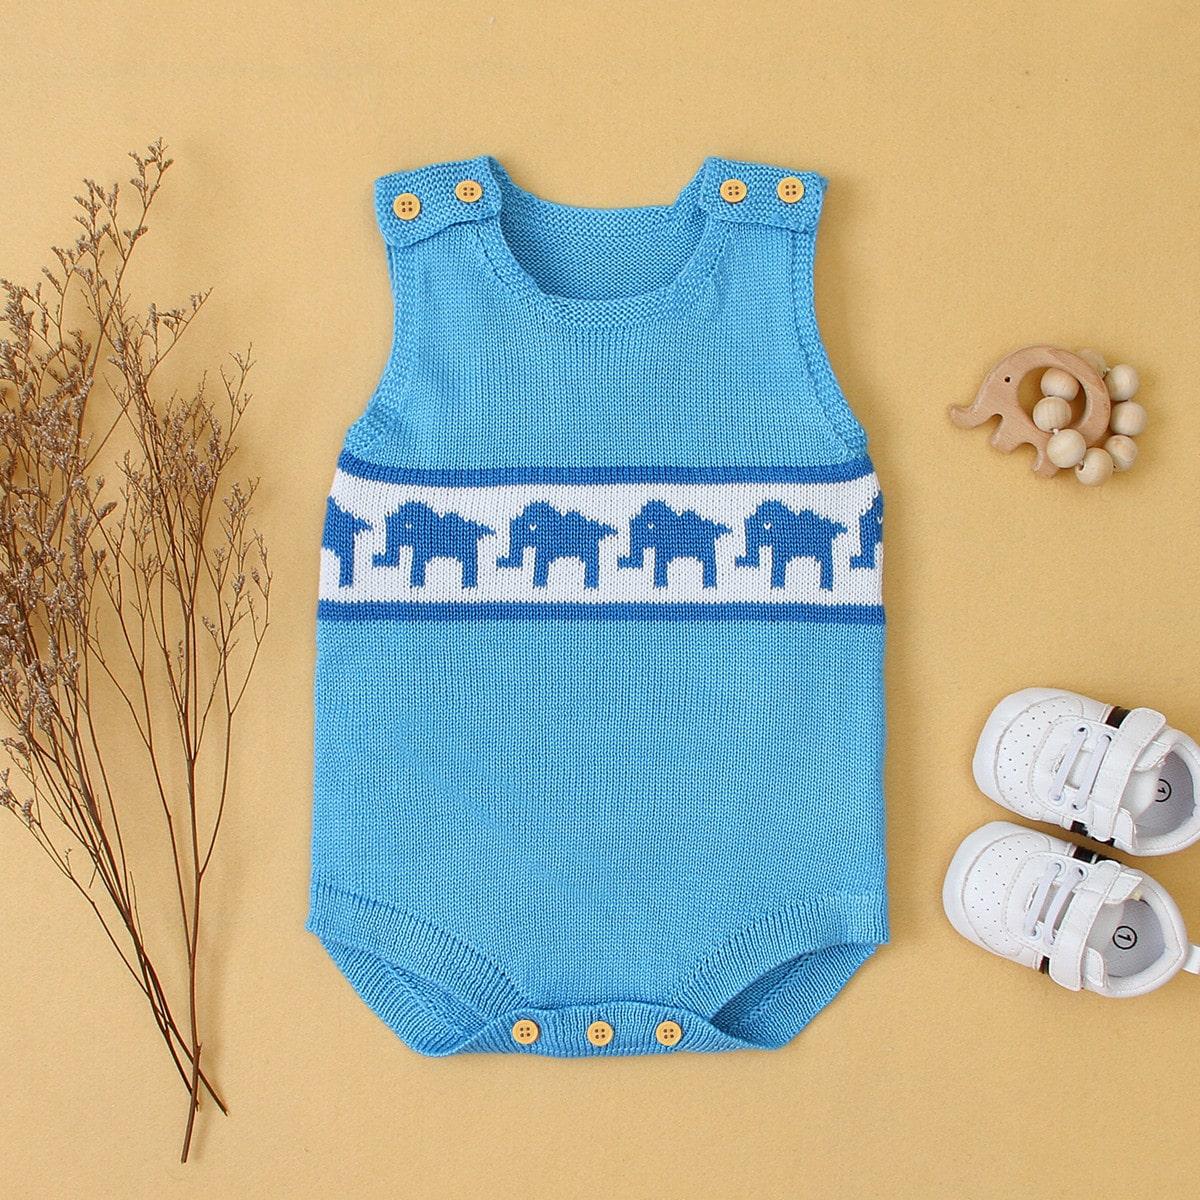 Синий Мультяшный принт Повседневный Боди для малышей фото